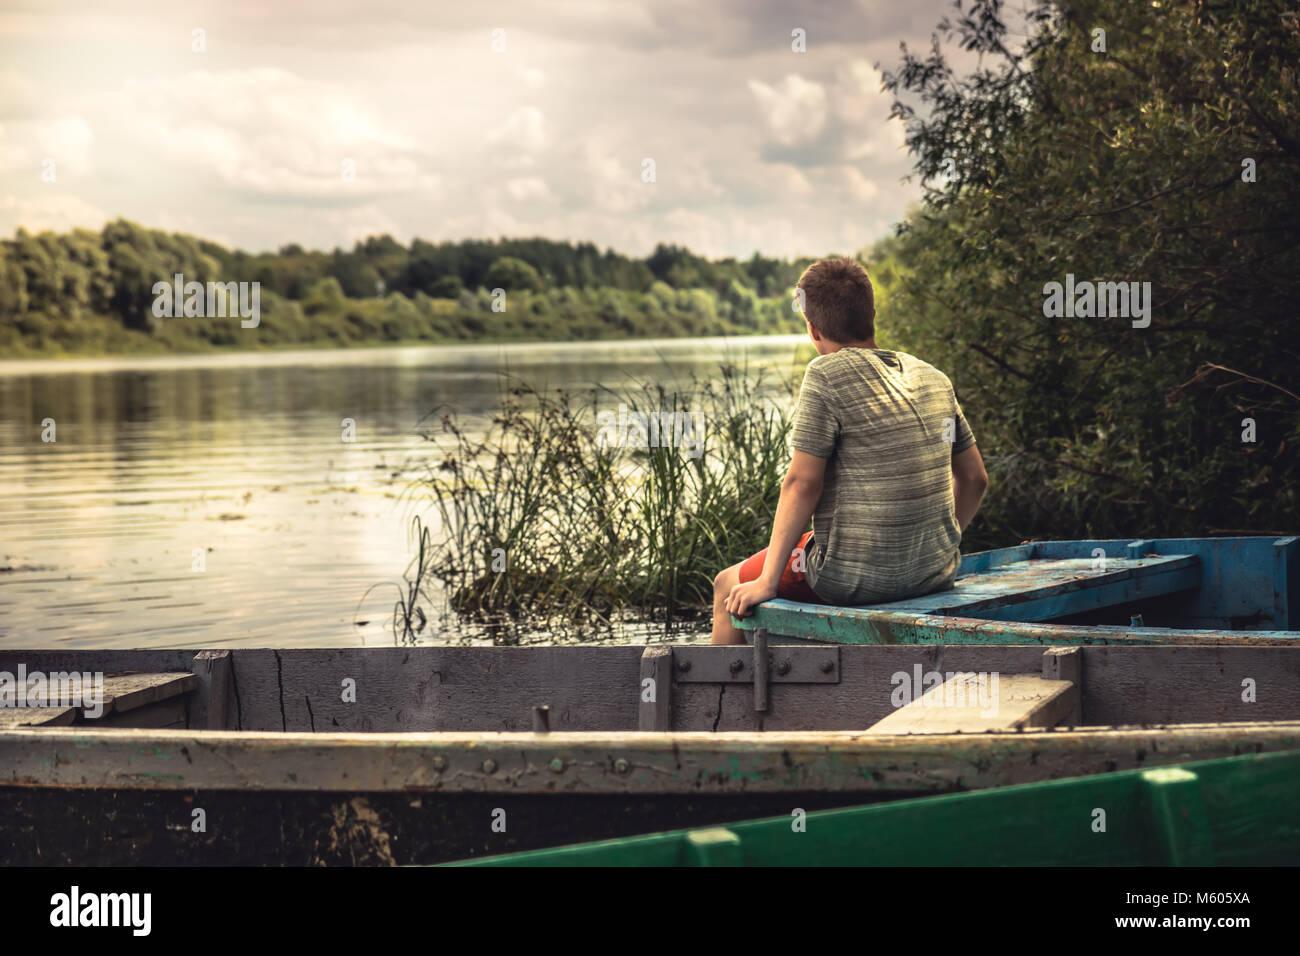 Muchacho adolescente contemplación solitaria paisaje paisaje en barco por el río durante las vacaciones Imagen De Stock